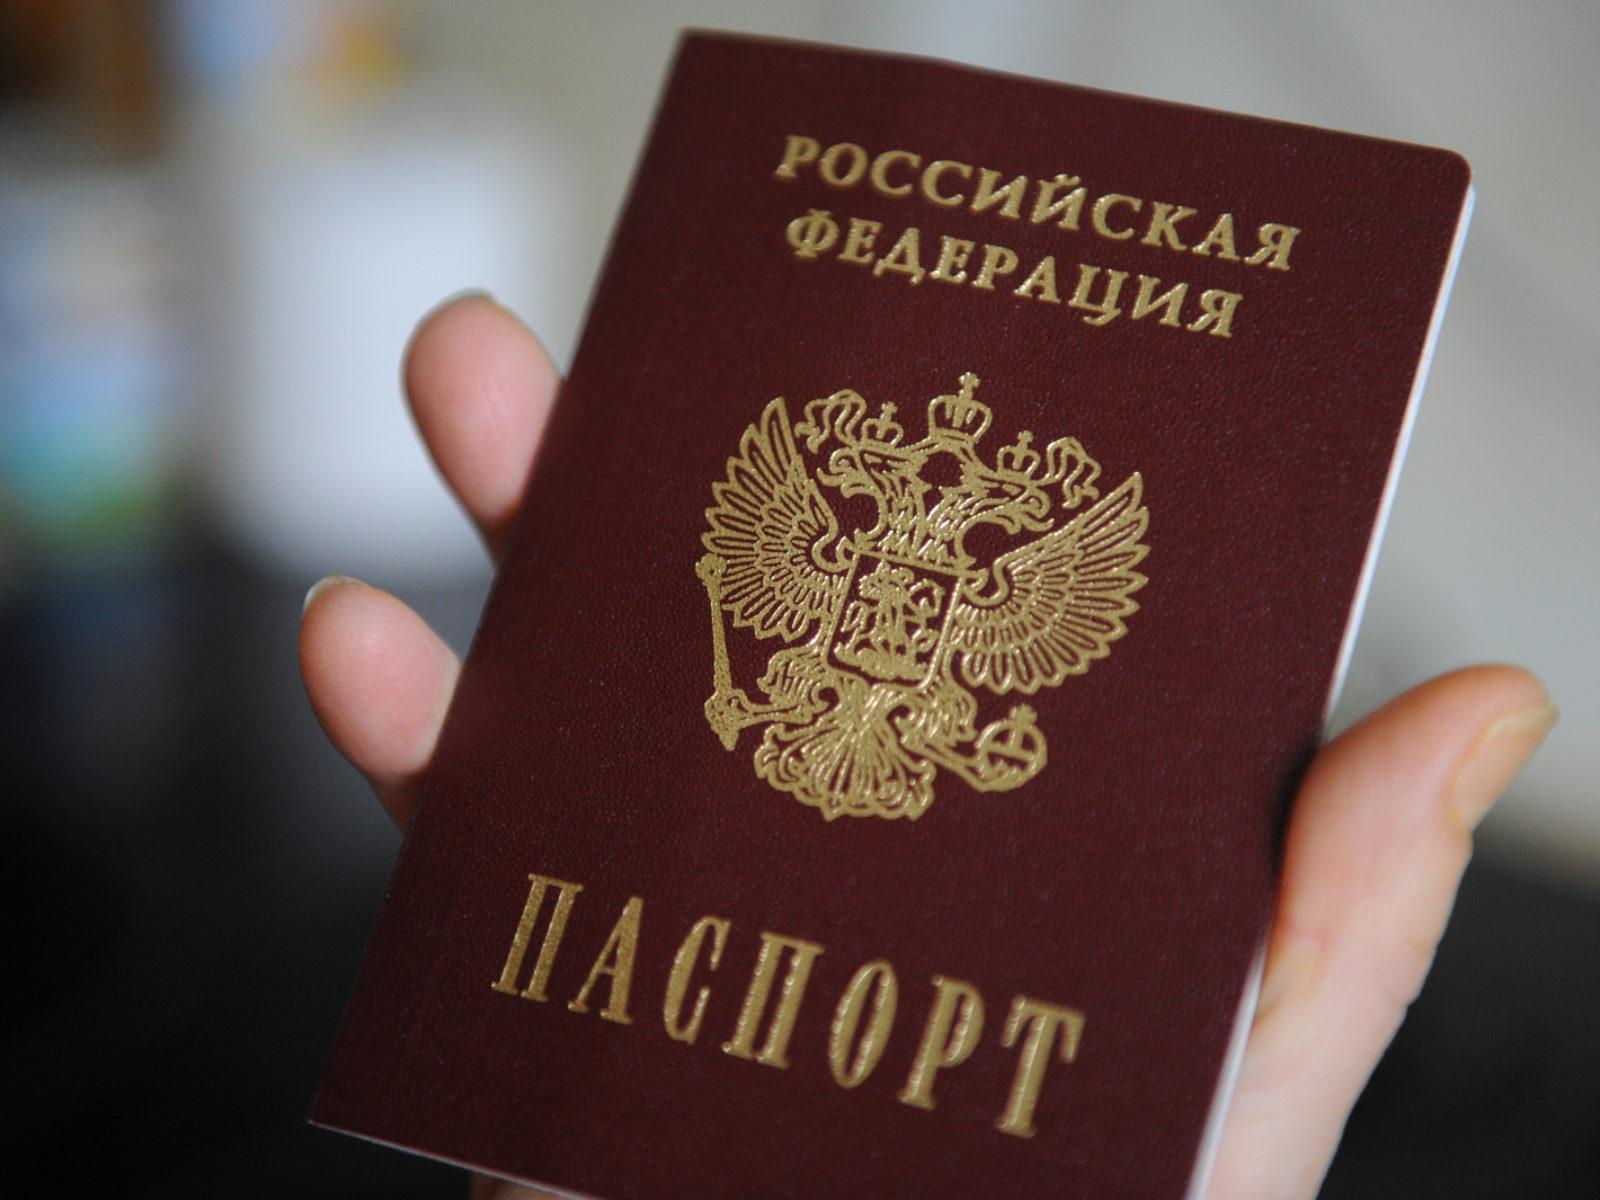 Получил гражданство рф нужно ли уведомлять о другом гражданстве